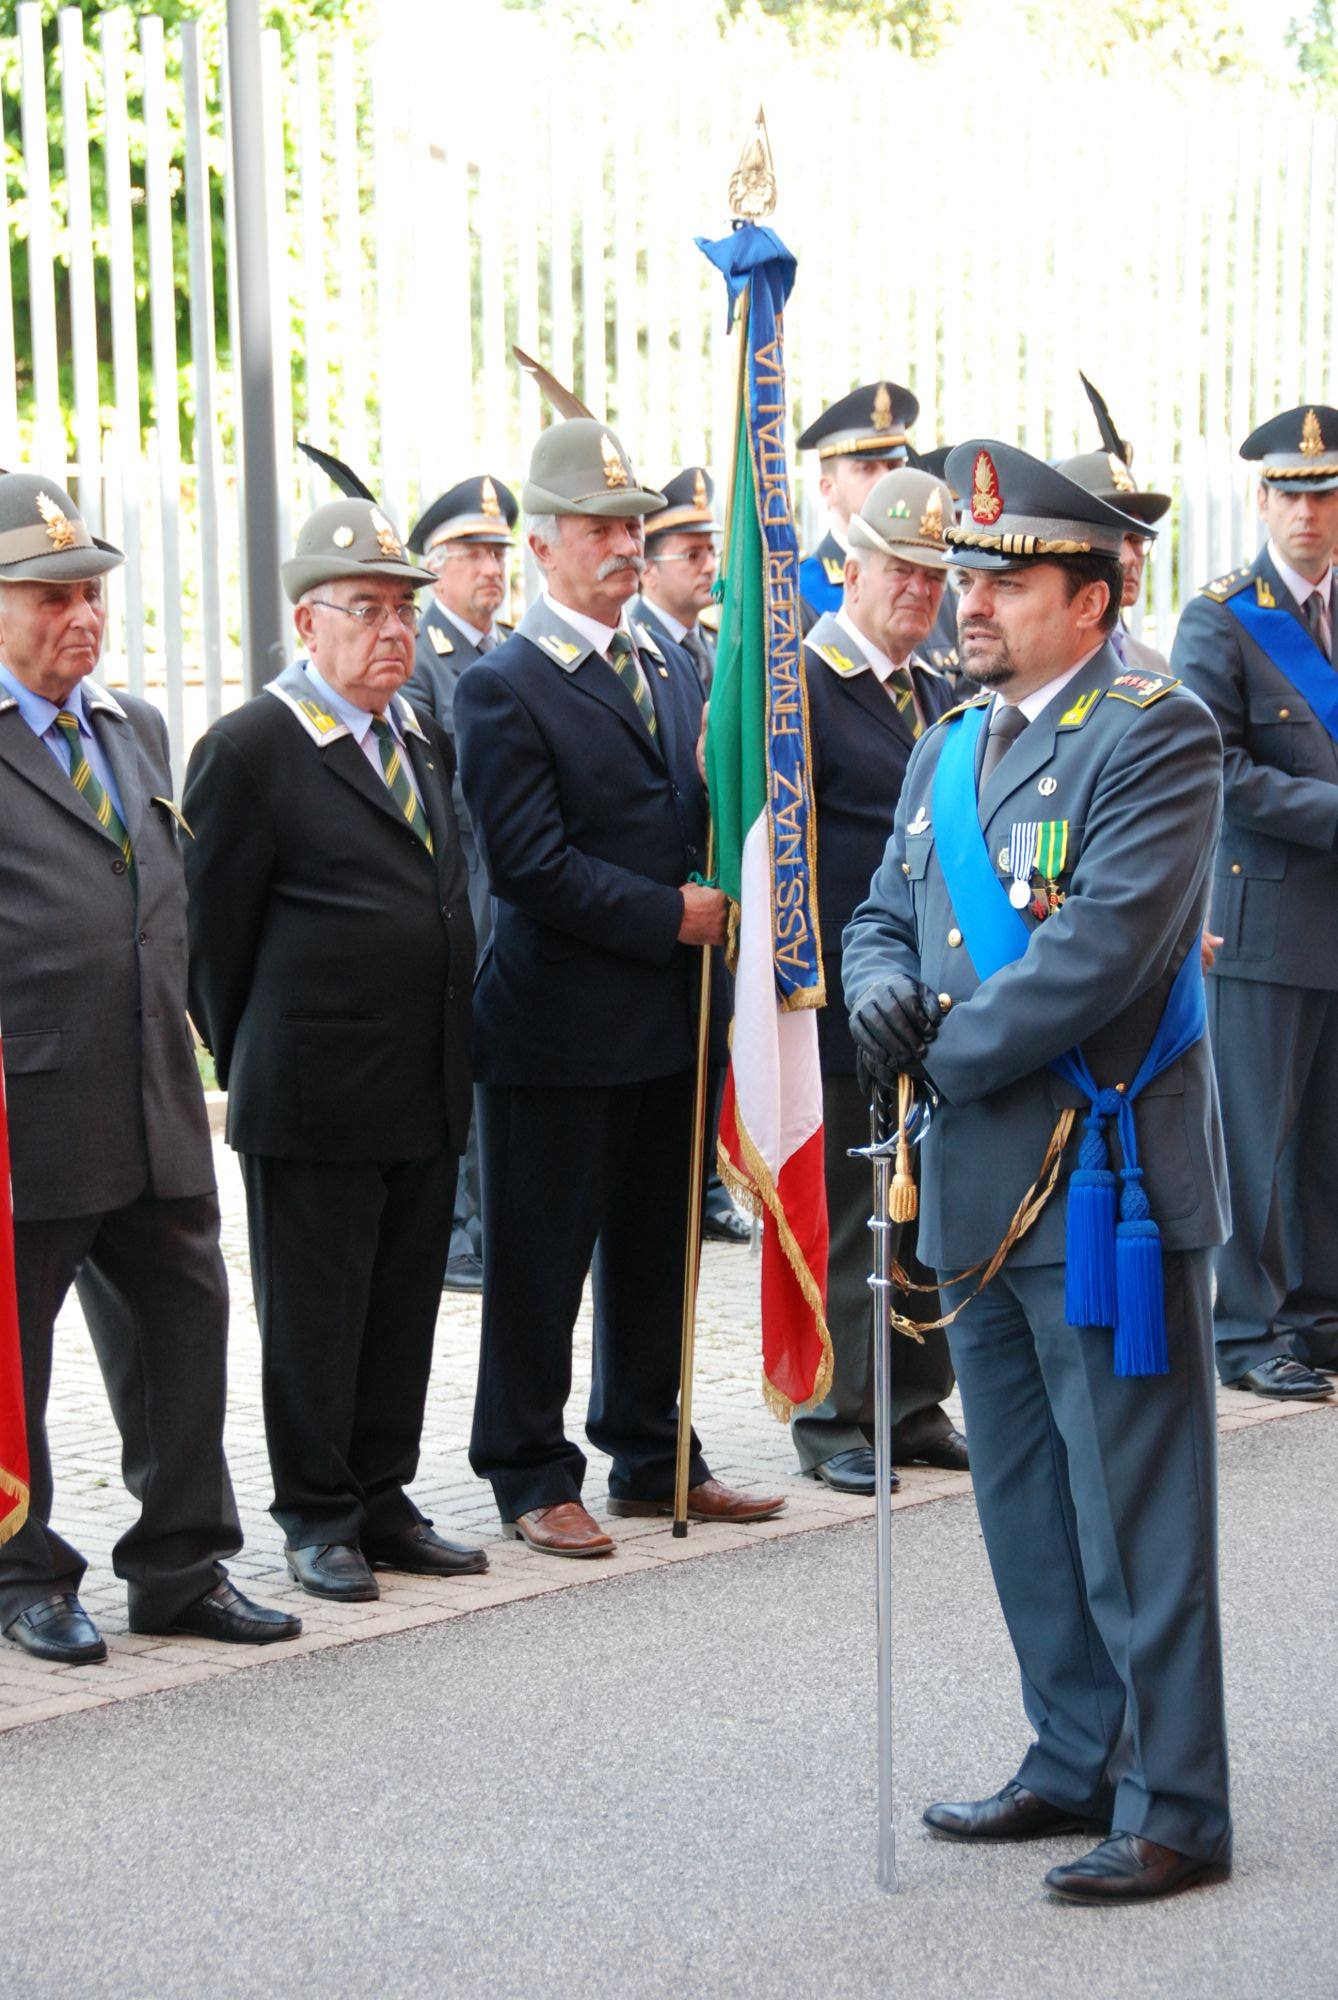 Festa a Lucca per la Guardia di Finanza